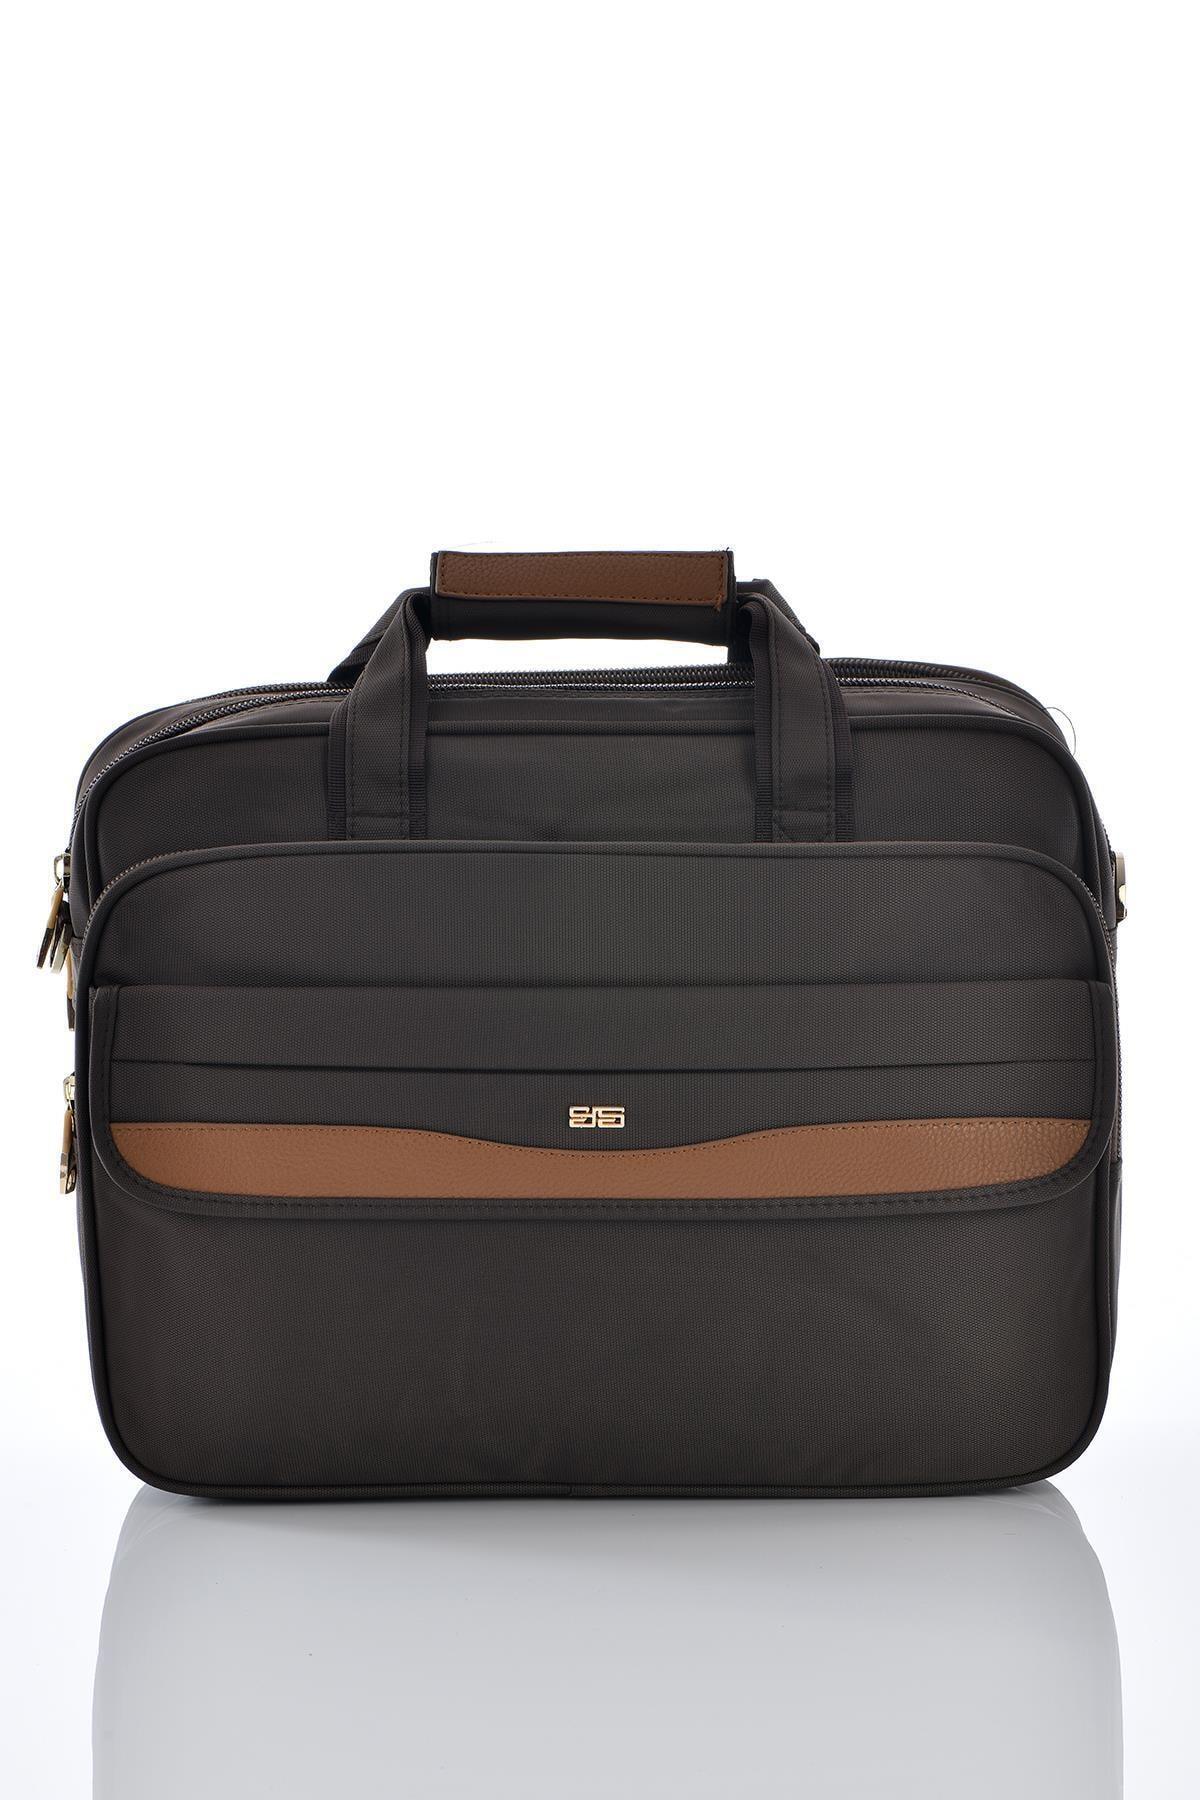 ÇÇS 71233 Laptop Bölmeli Evrak Çantası Kahverengi 1